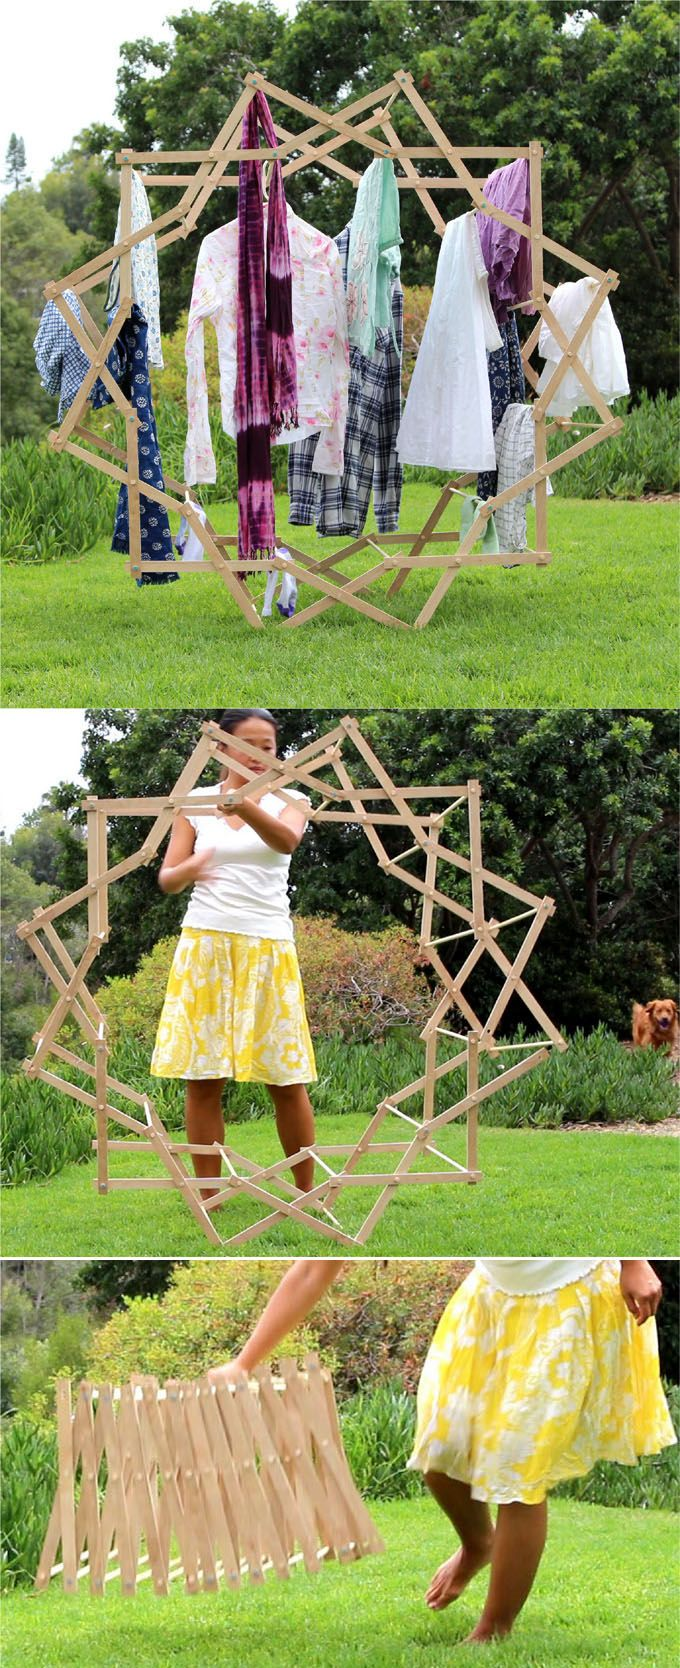 em forma de estrela de roupa de secagem-rack-apieceofrainbowblog (2)